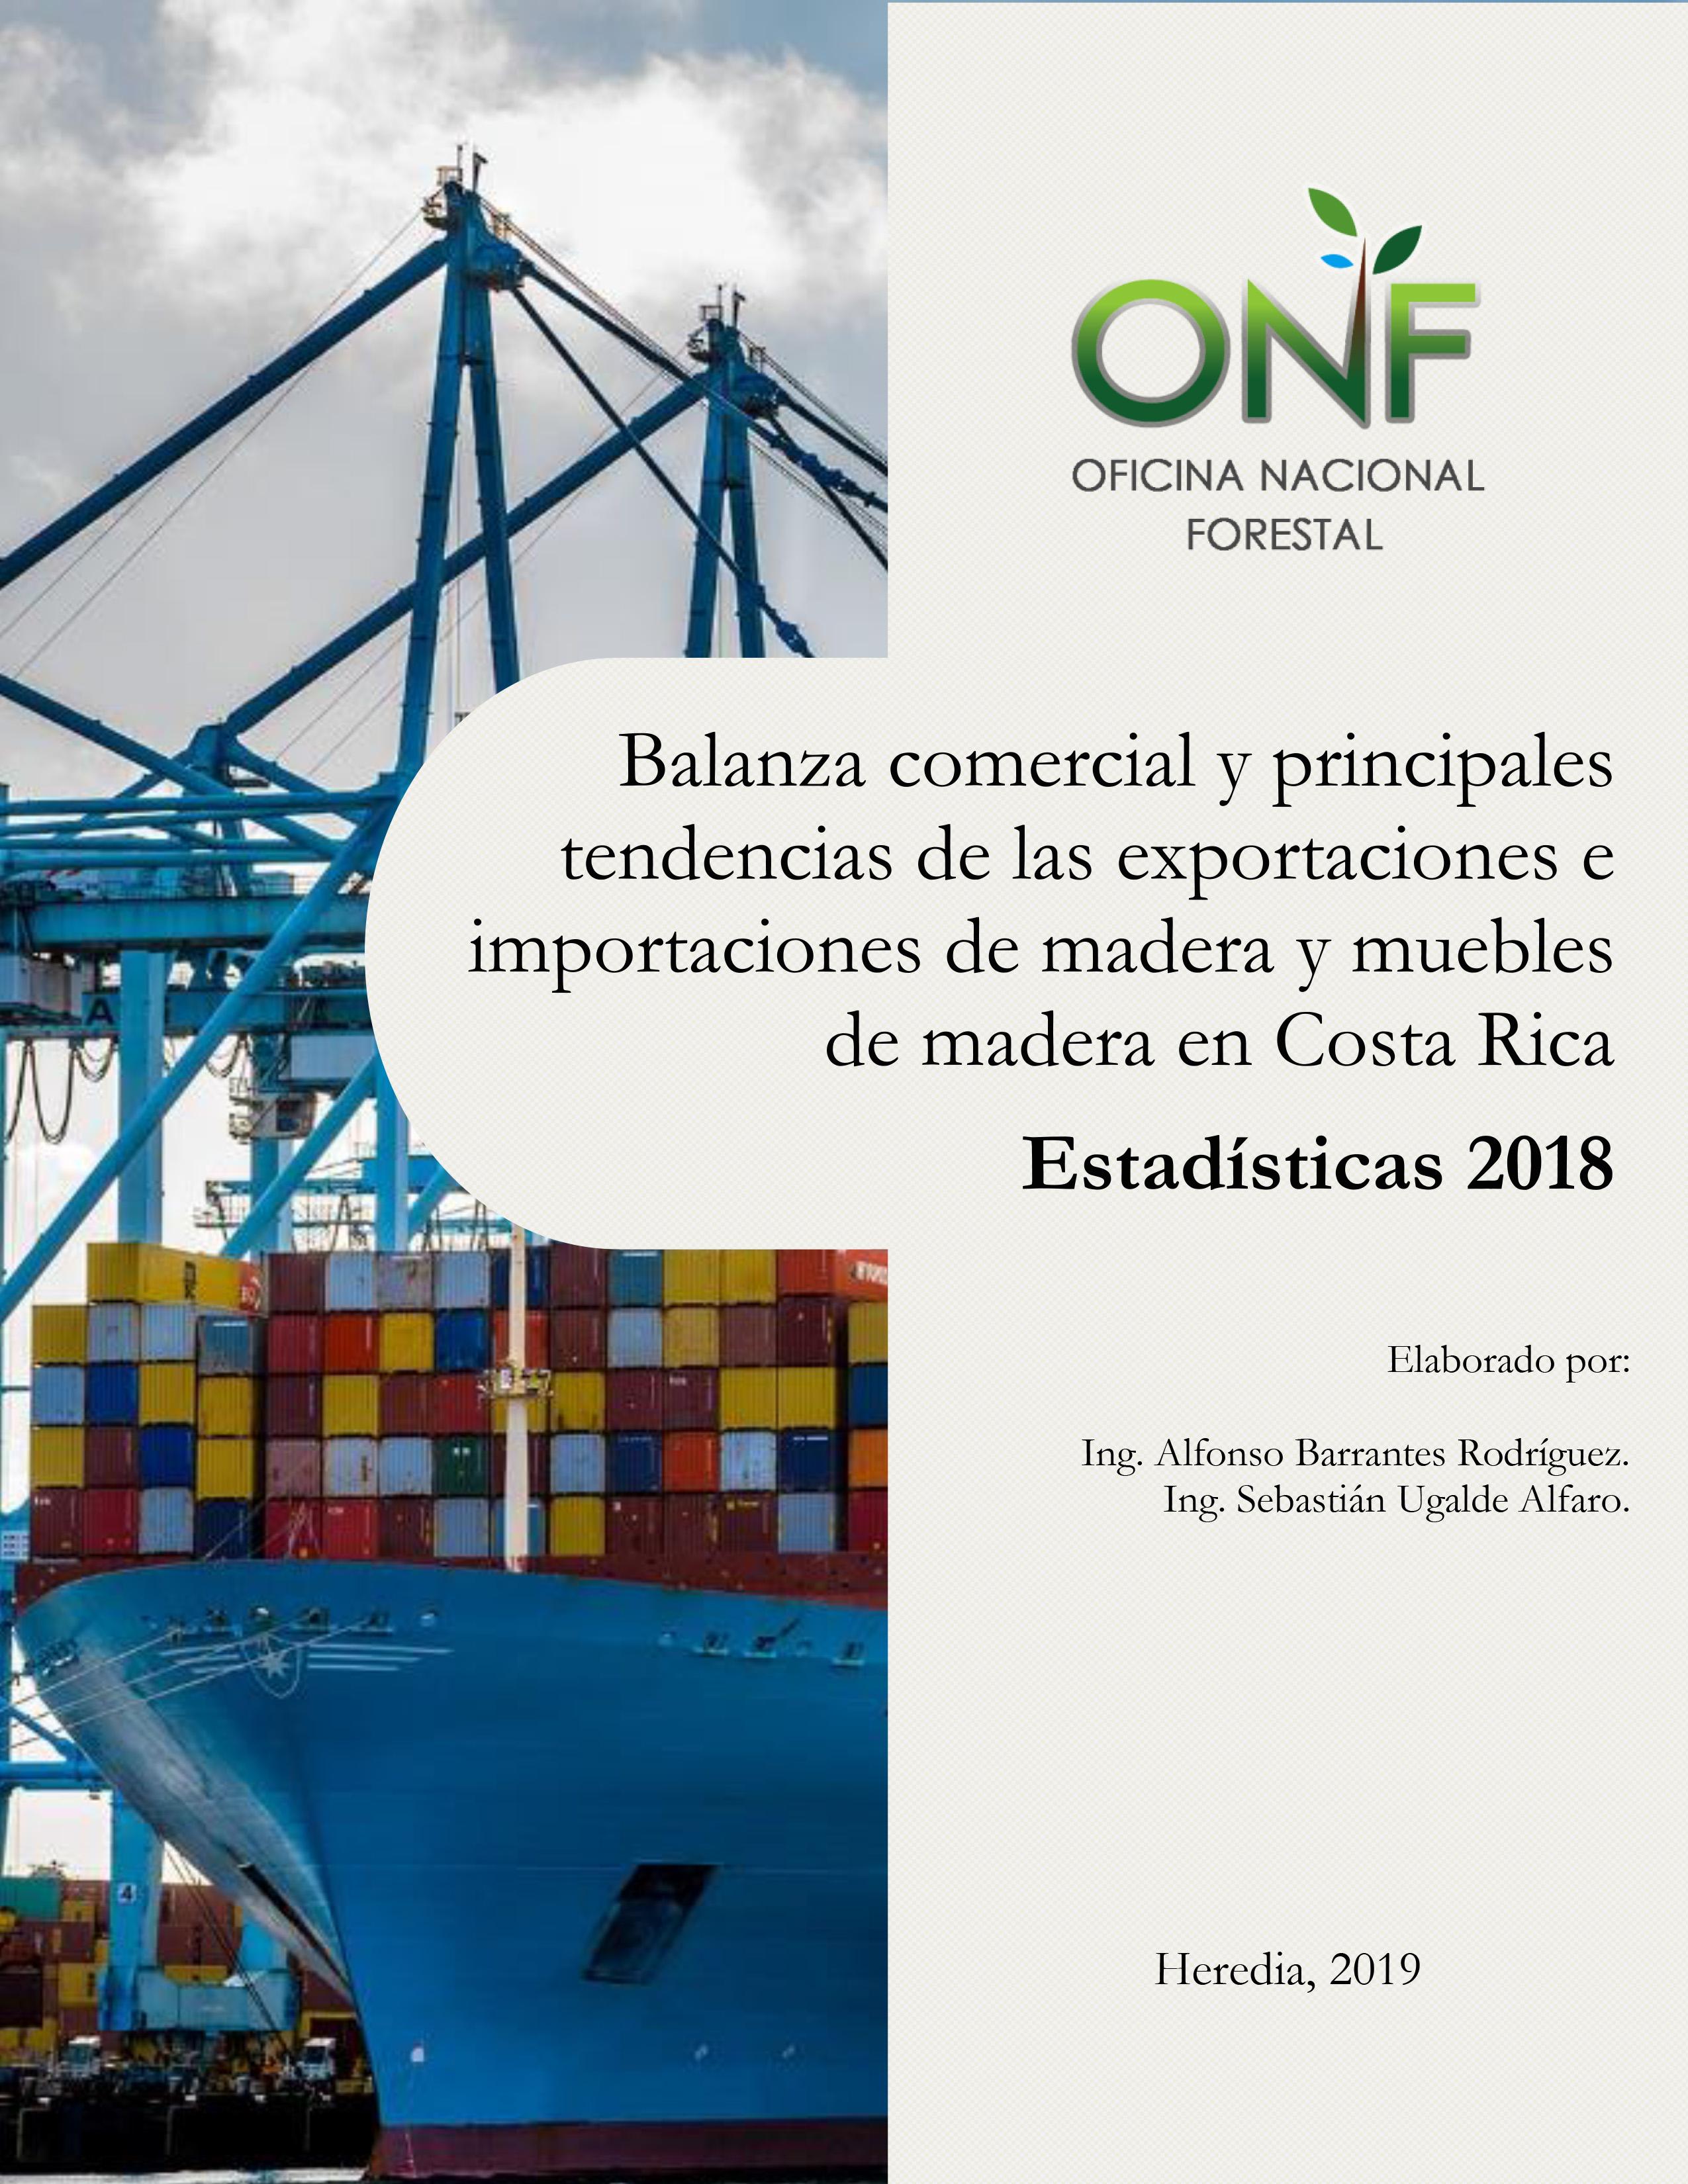 Balanza Comercial y Tendencias de las Exportaciones e Importaciones